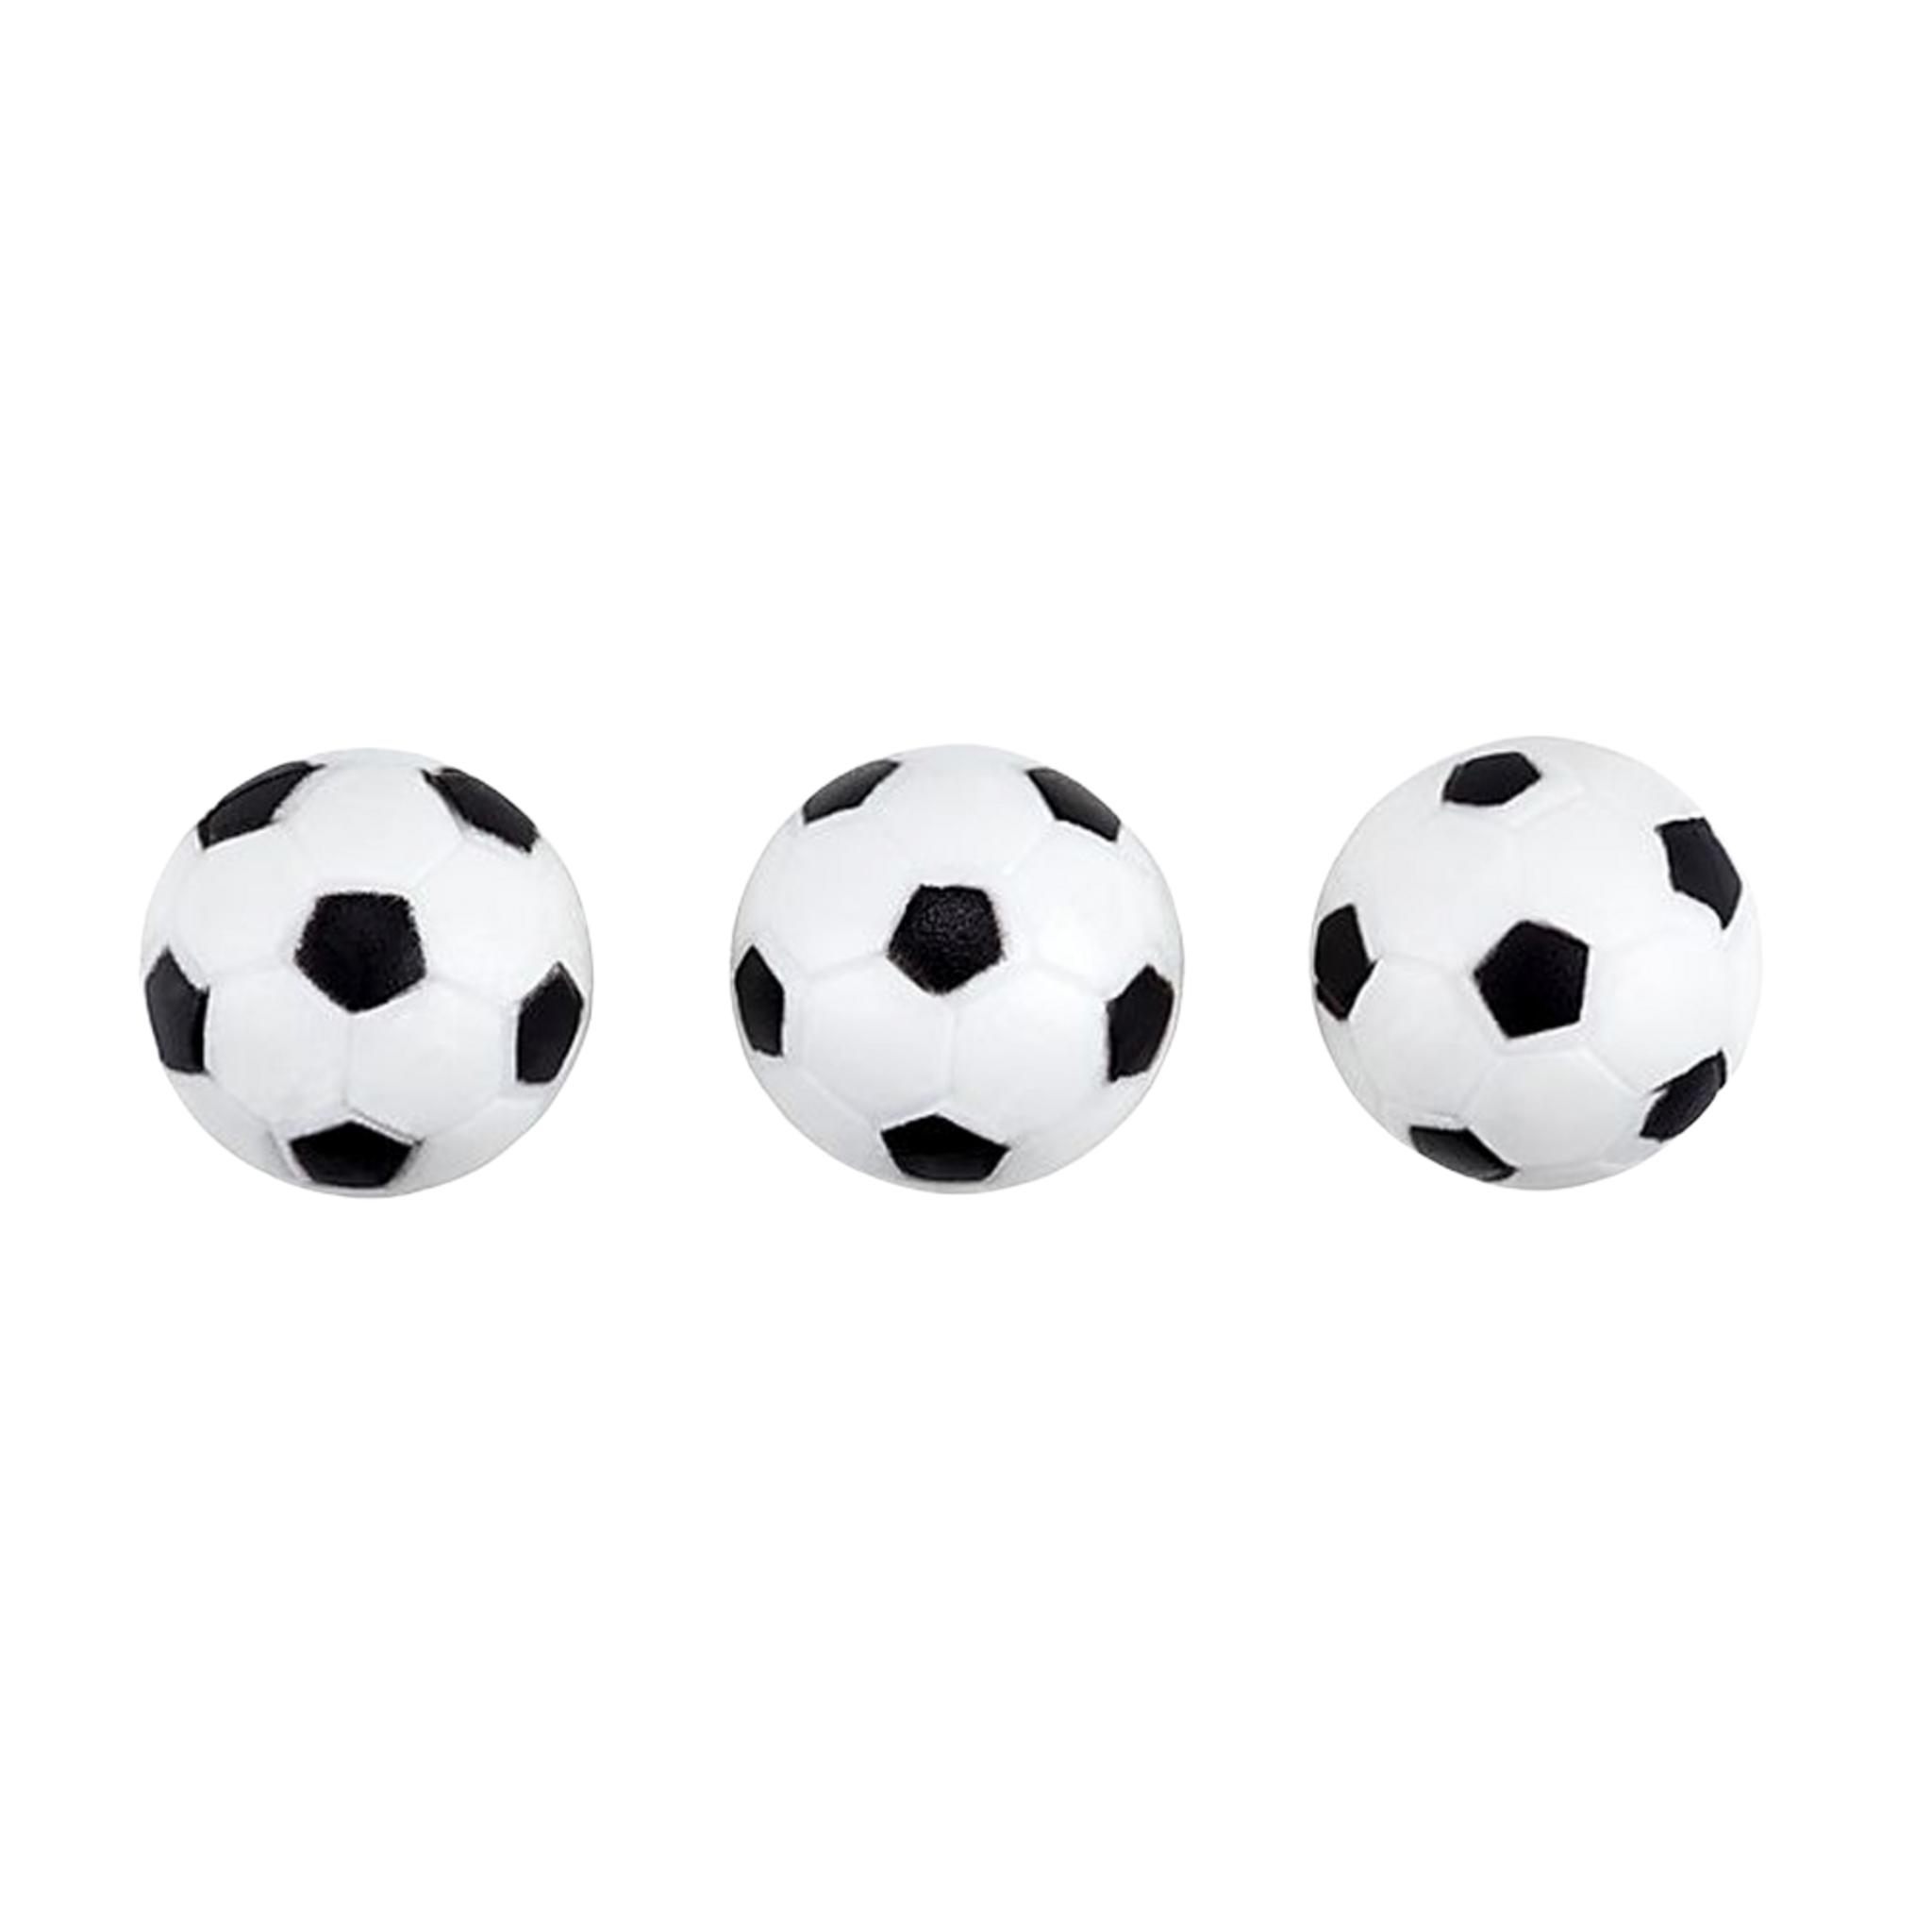 Stiga Fotballer til fotballspill